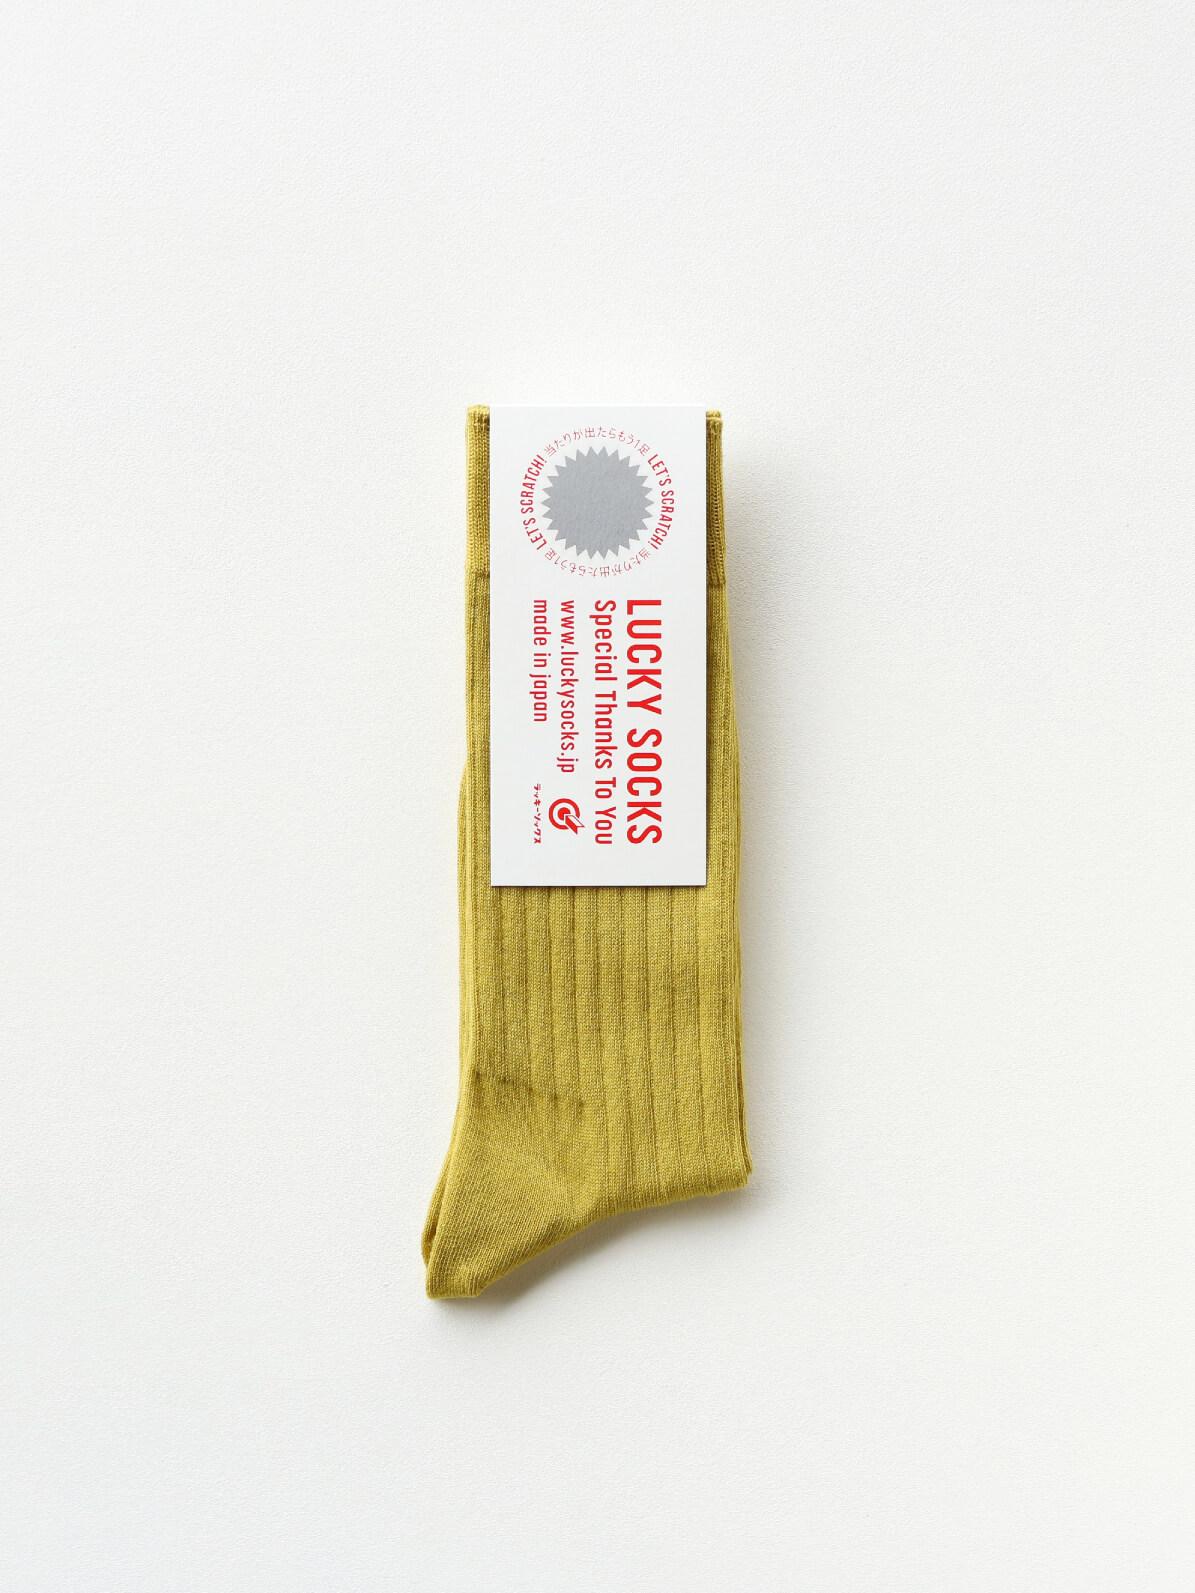 当たりつきギフト専用靴下のLUCKY SOCKS(ラッキーソックス)のLight Rib Socks(ライトリブソックス)のライムイエロー_1